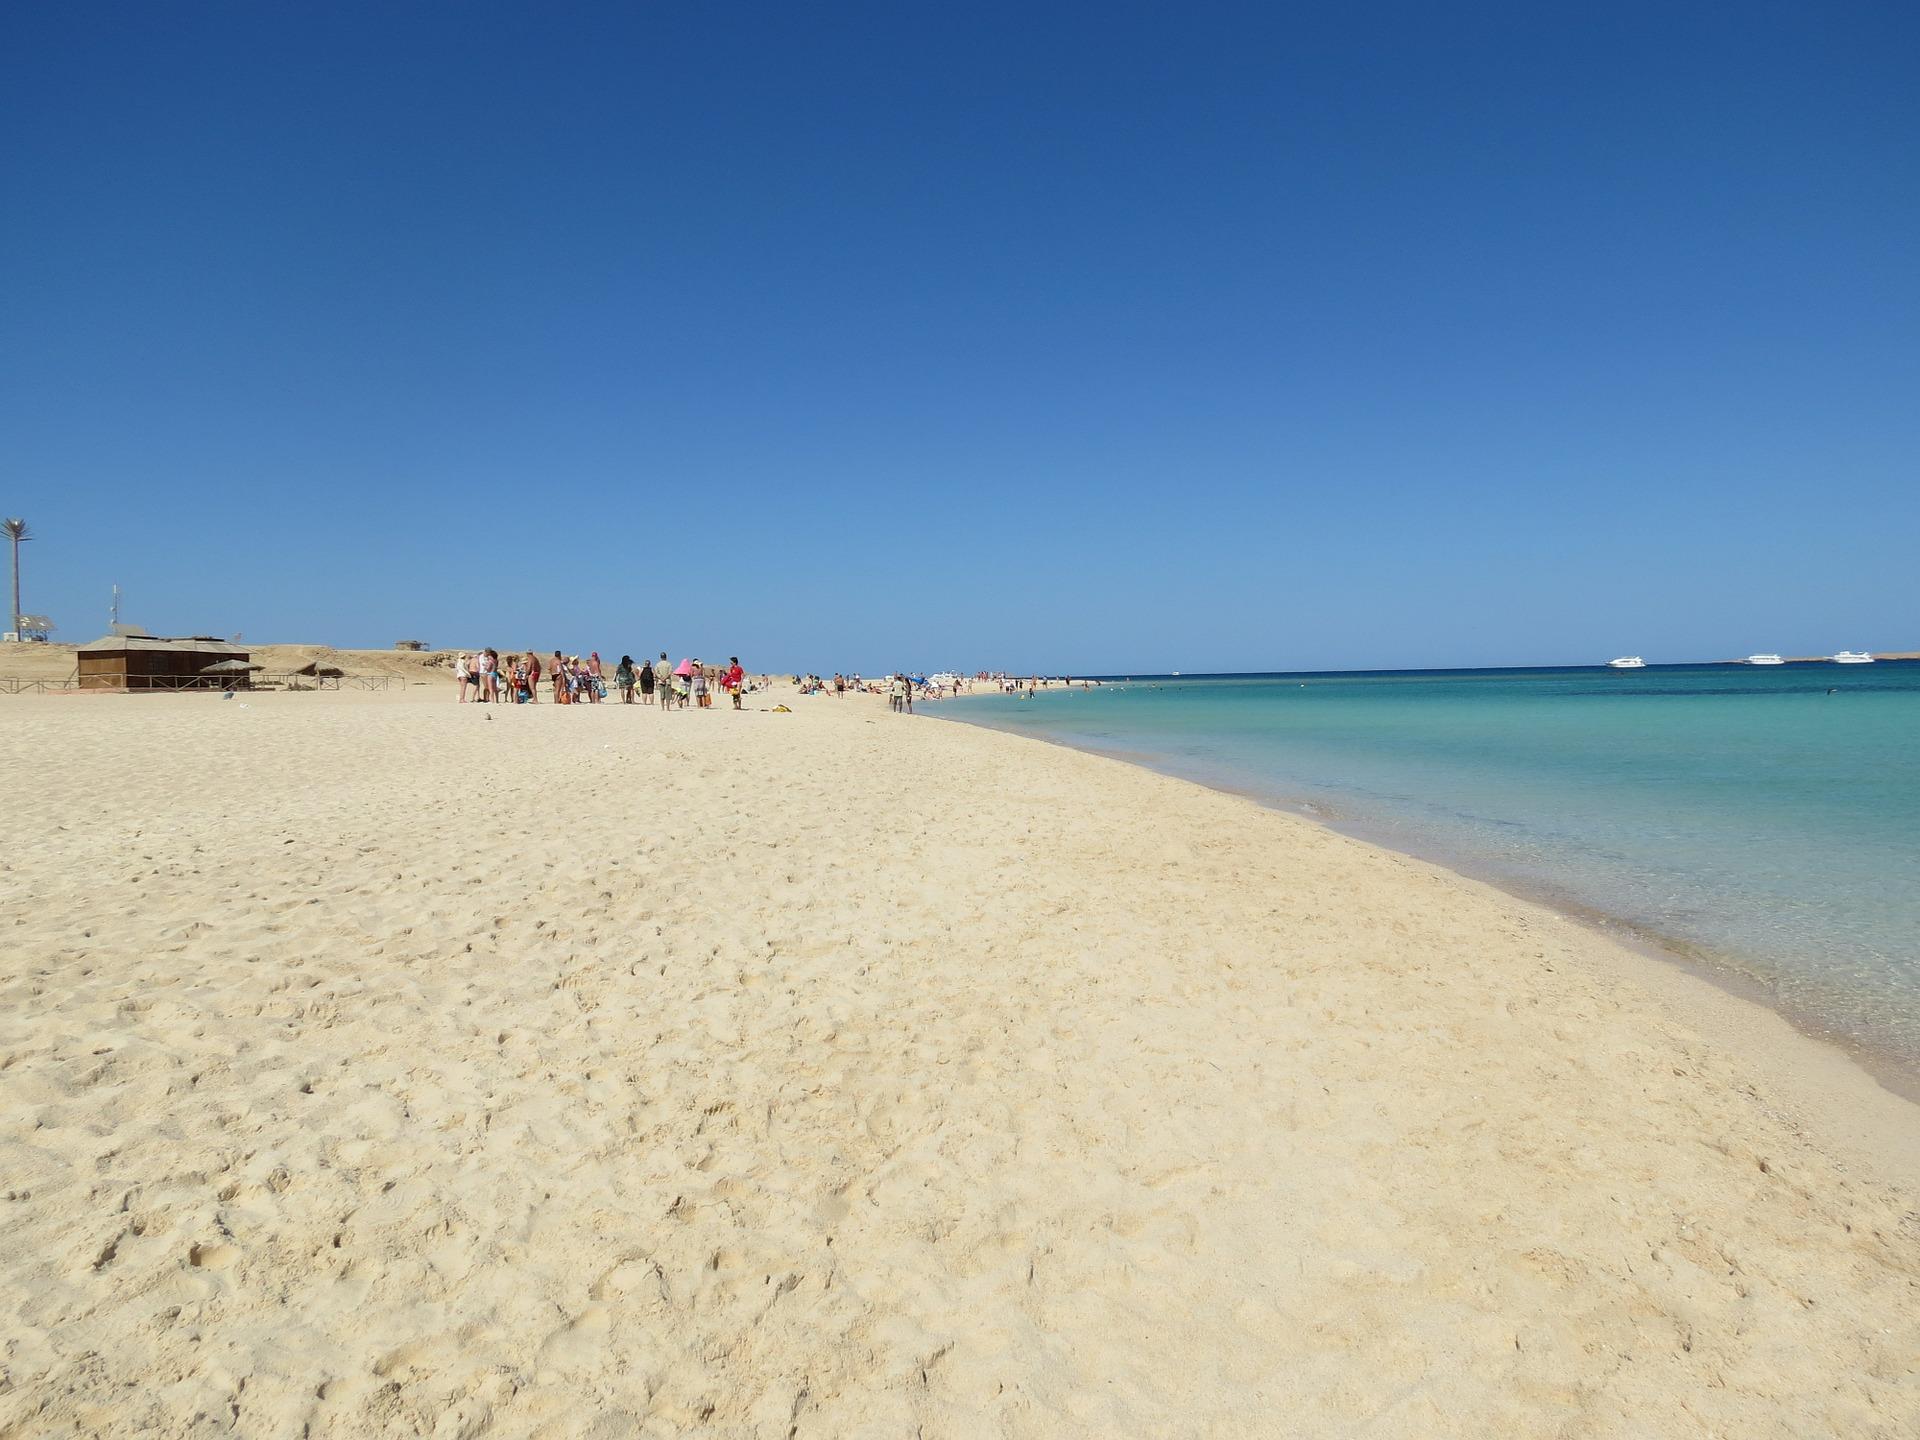 Strand Ägypten Angebote Hurghada Urlaub ab 204,00€ - eine Woche All Inclusive